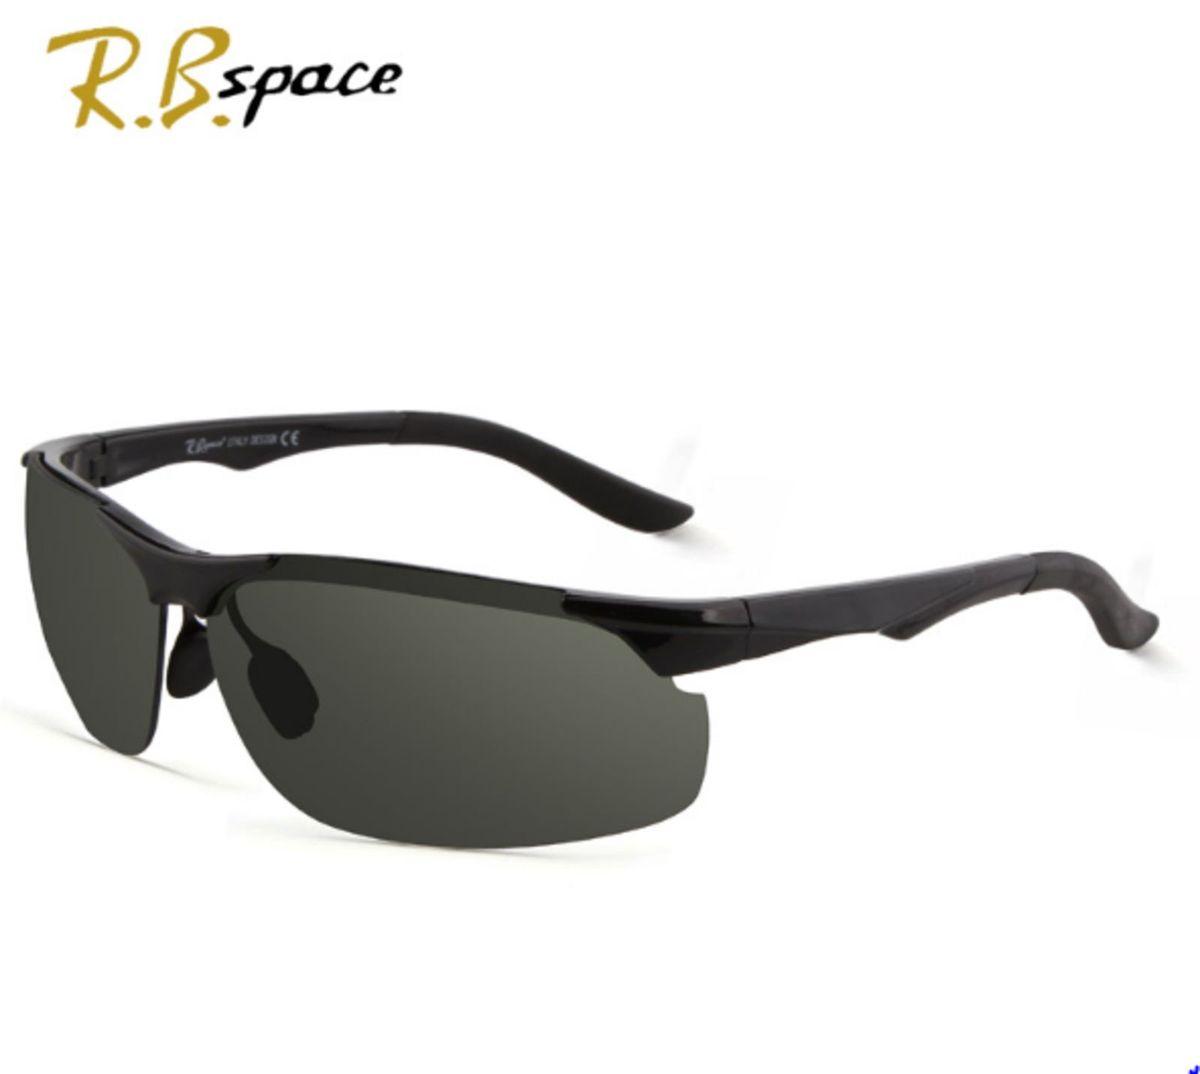 1b07c7b003731 óculos de sol 100% uv 400 - óculos rb-space.  Czm6ly9wag90b3muzw5qb2vplmnvbs5ici9wcm9kdwn0cy82njk5oda1l2fmzddkmgjhmdc4mmu4mza3zwnkndyznwizymyxyjbklmpwzw  ...